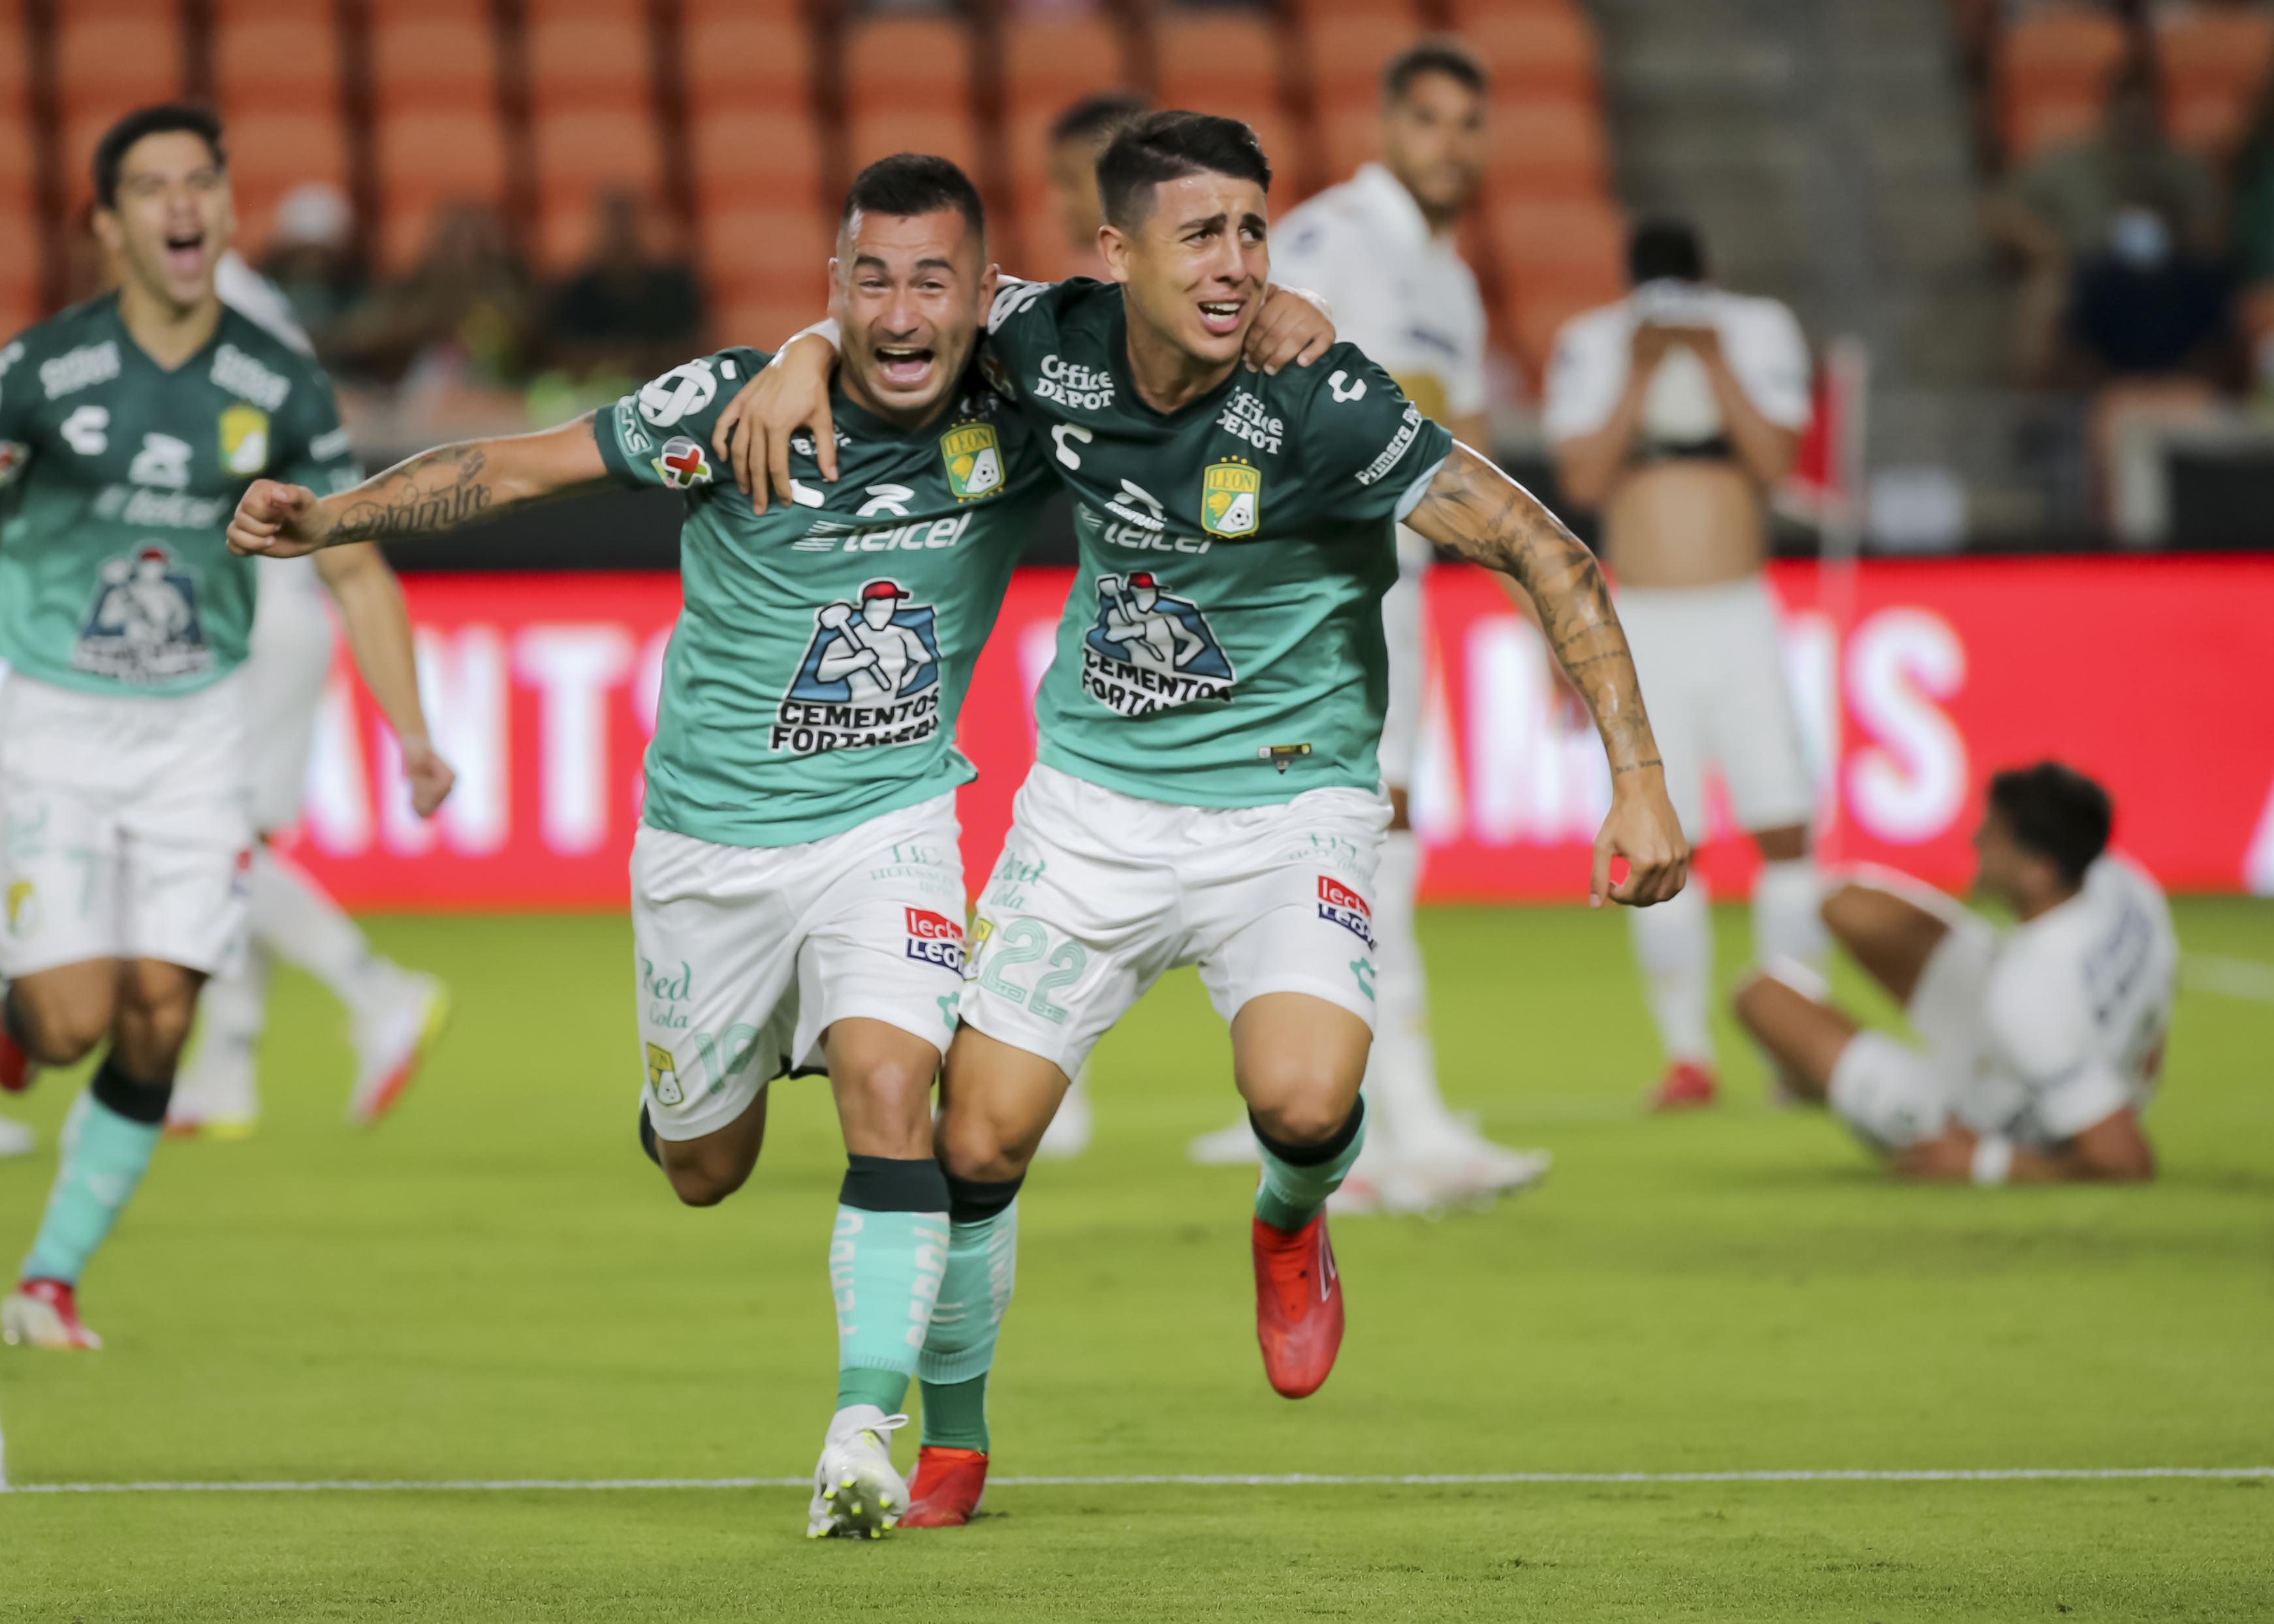 SOCCER: SEP 15 Leagues Cup Semifinal - Pumas v Club Leon